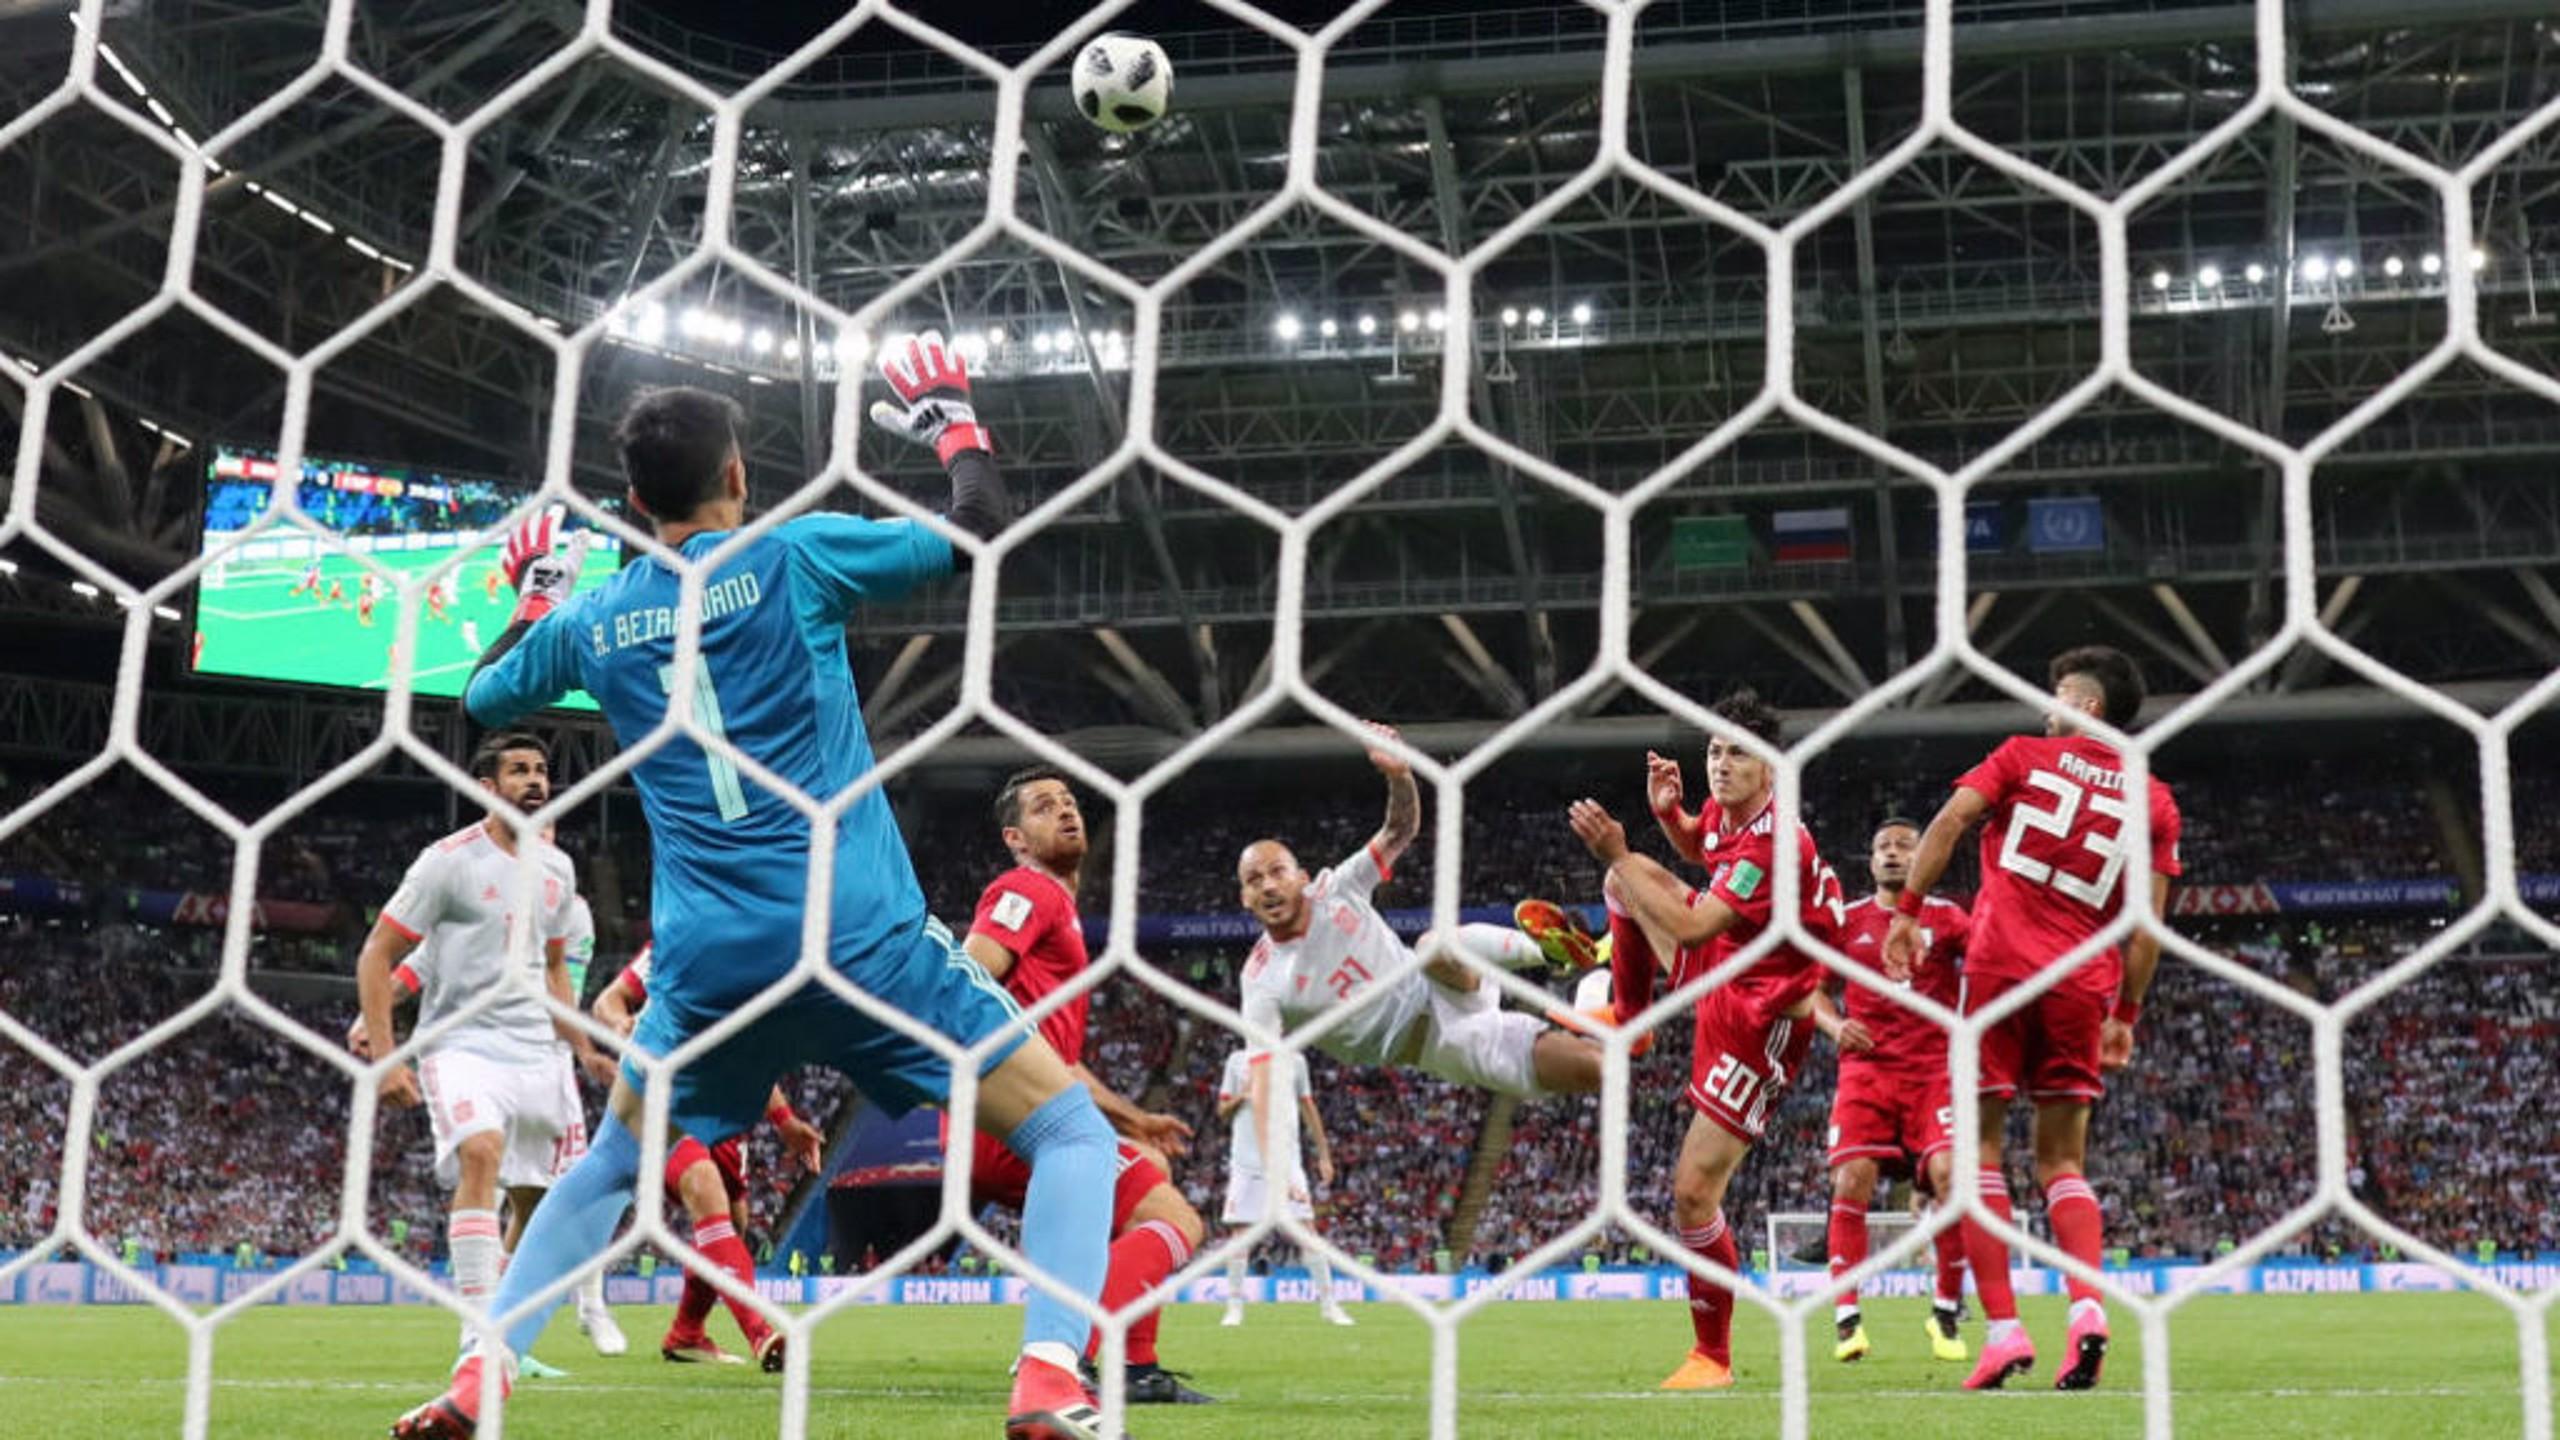 Fokus Piala Dunia: Bintang City beraksi